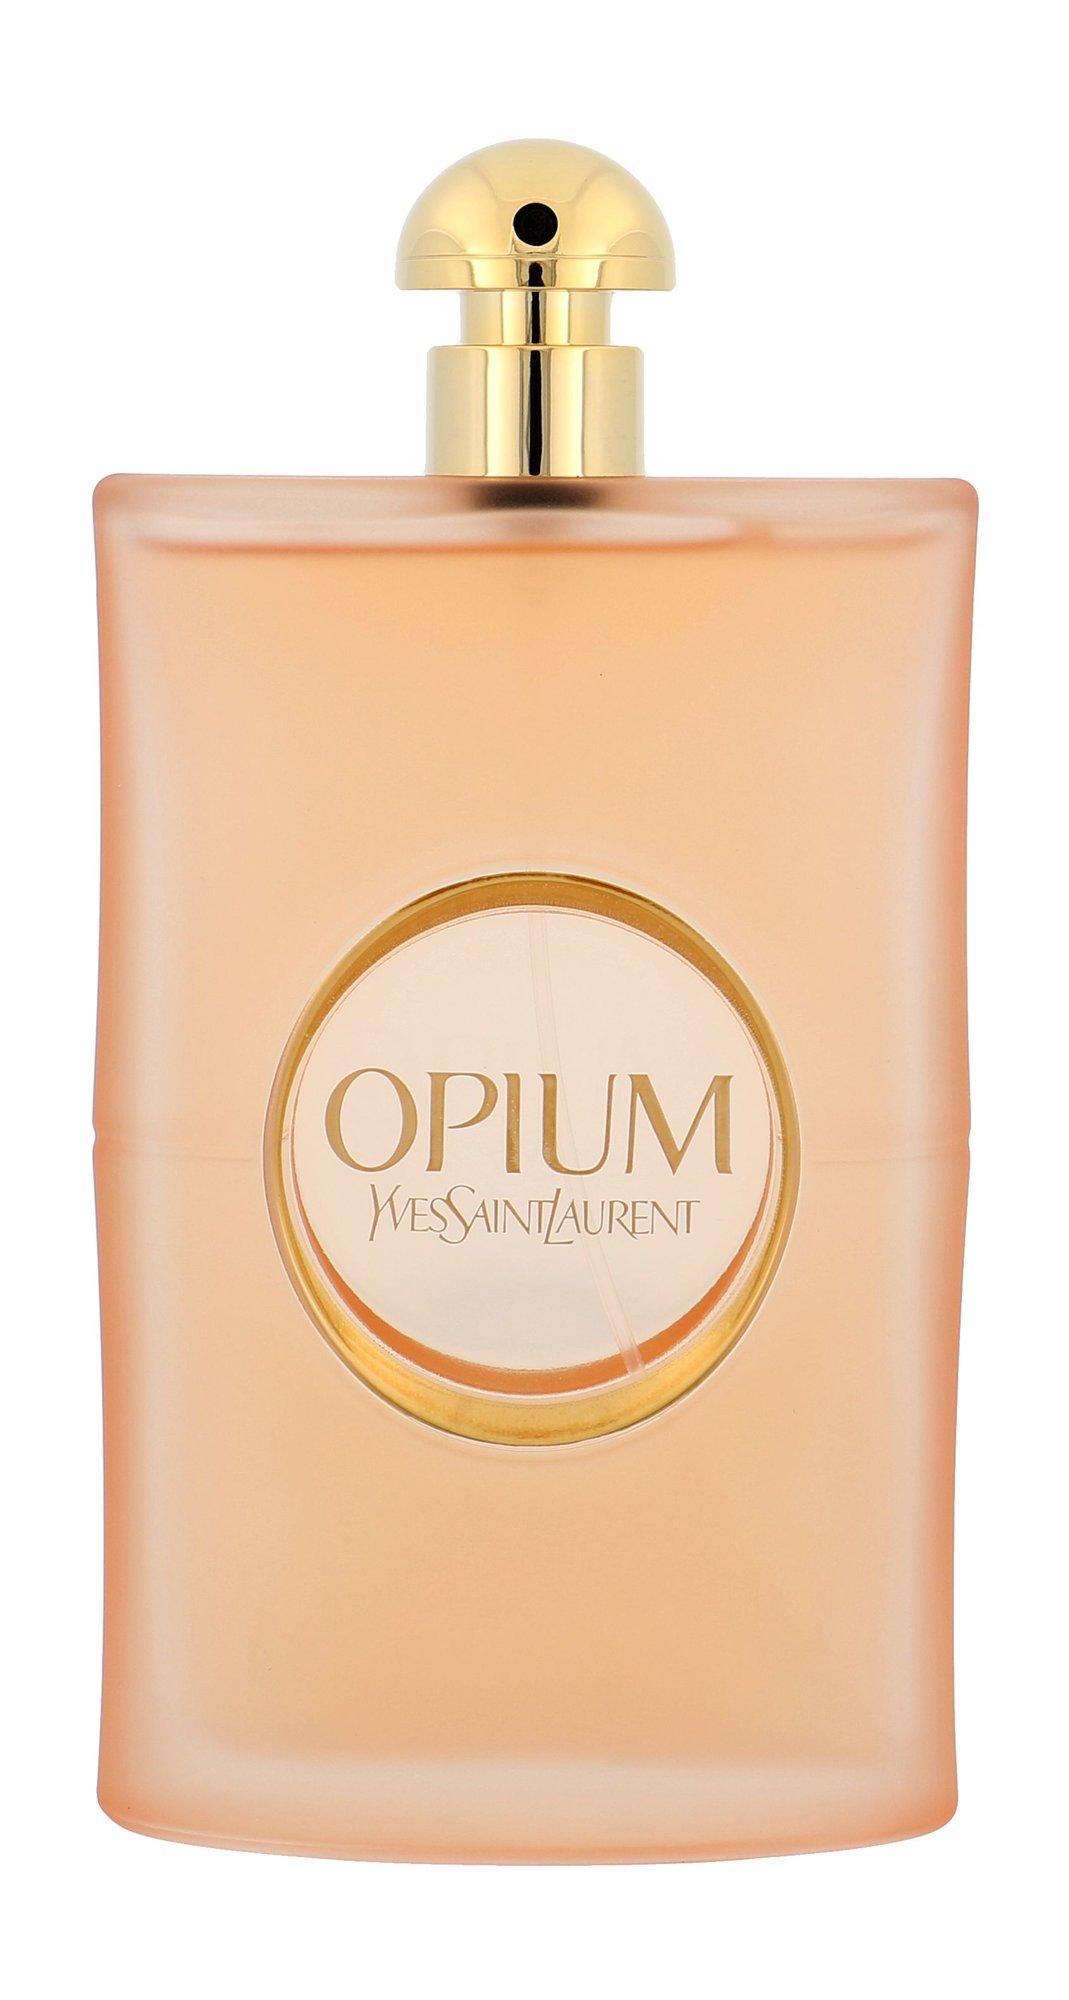 Yves Saint Laurent Opium EDT 125ml